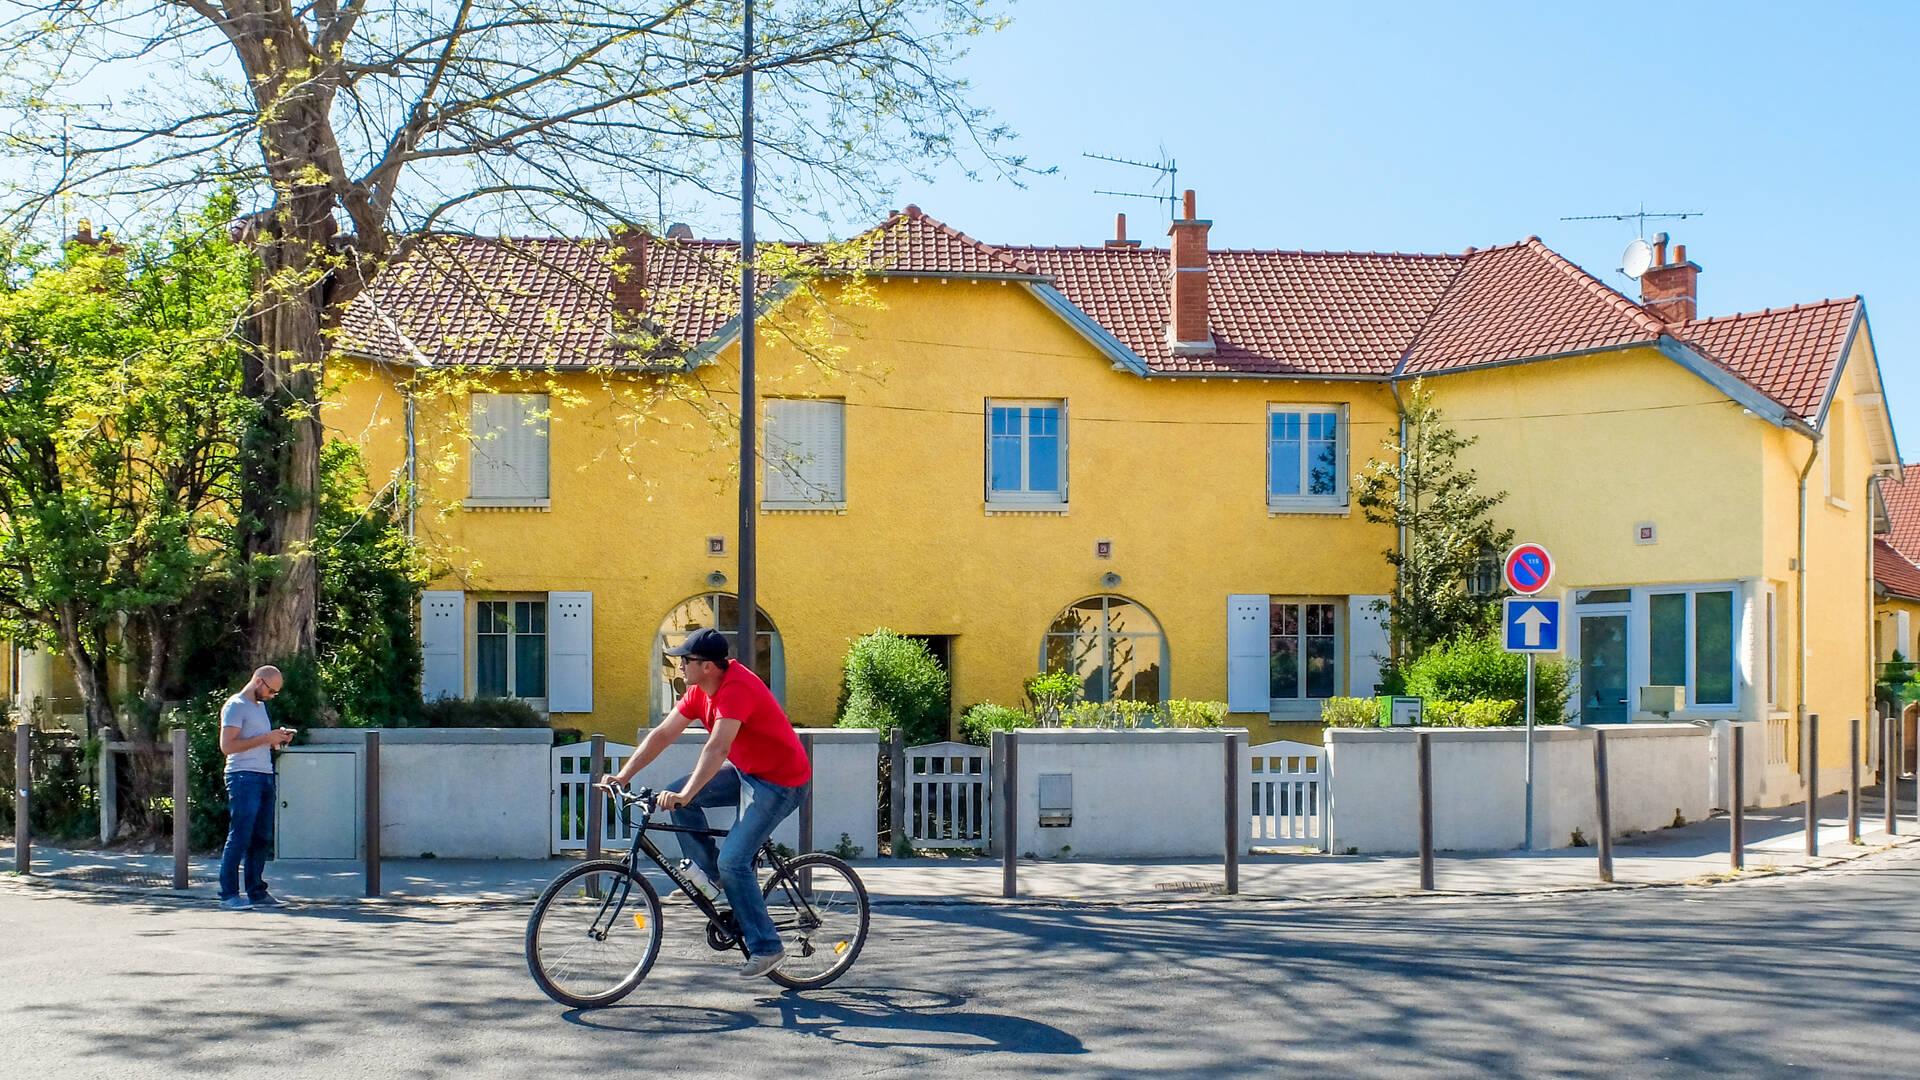 cite-jardin-stains-tourisme-seine-saint-denis-plaine-commune-grand-paris